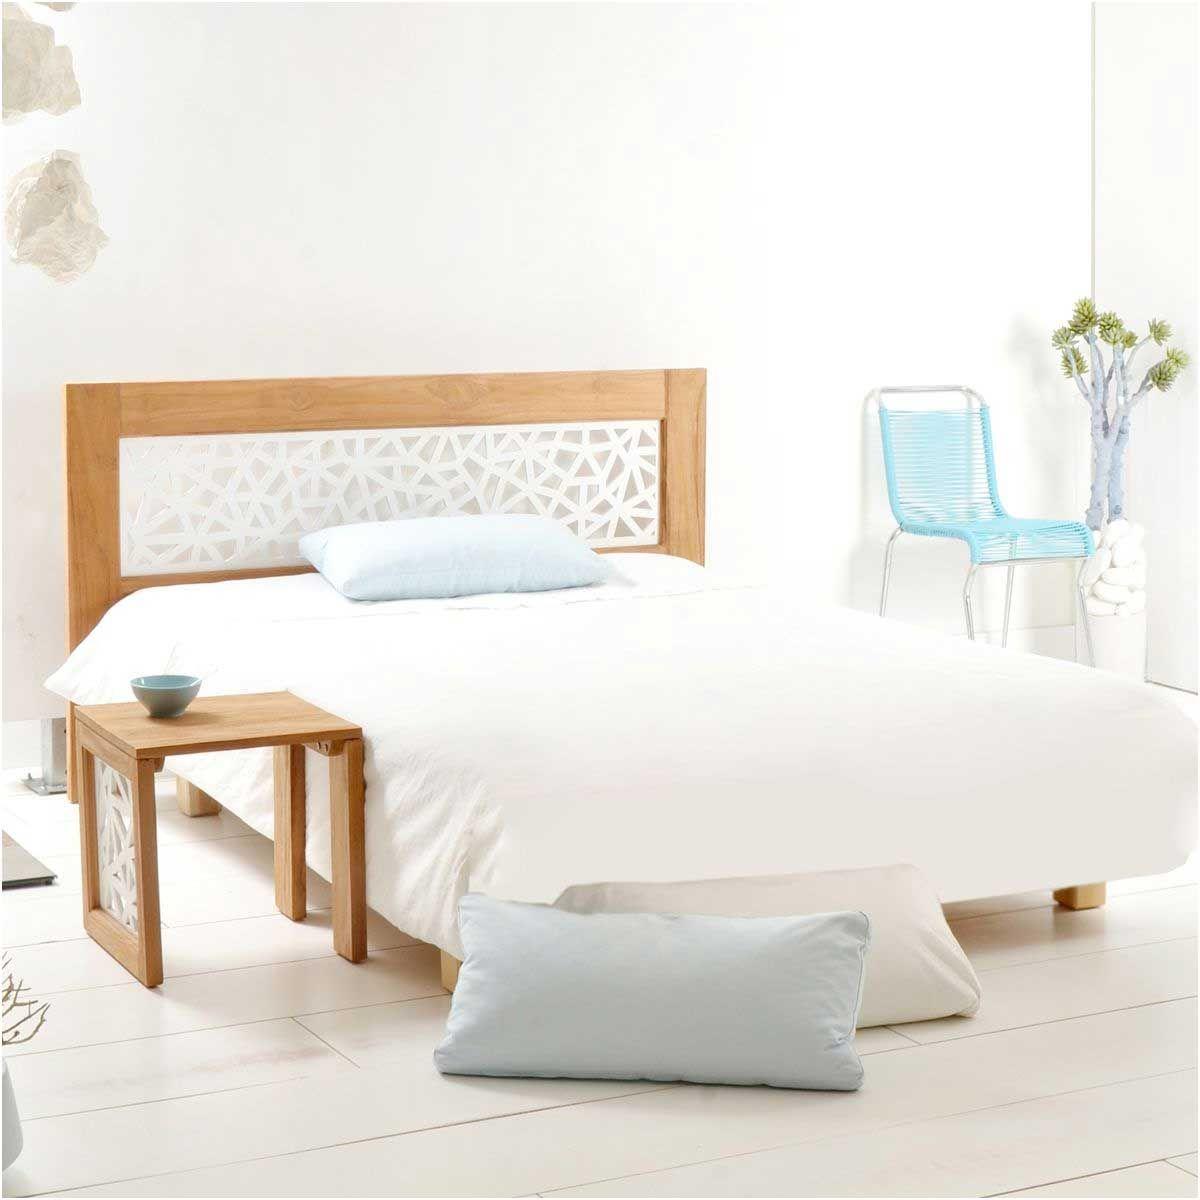 Tete De Lit En Bois Pas Cher lit de 160 meilleur de lit en bois massif pas cher tete de